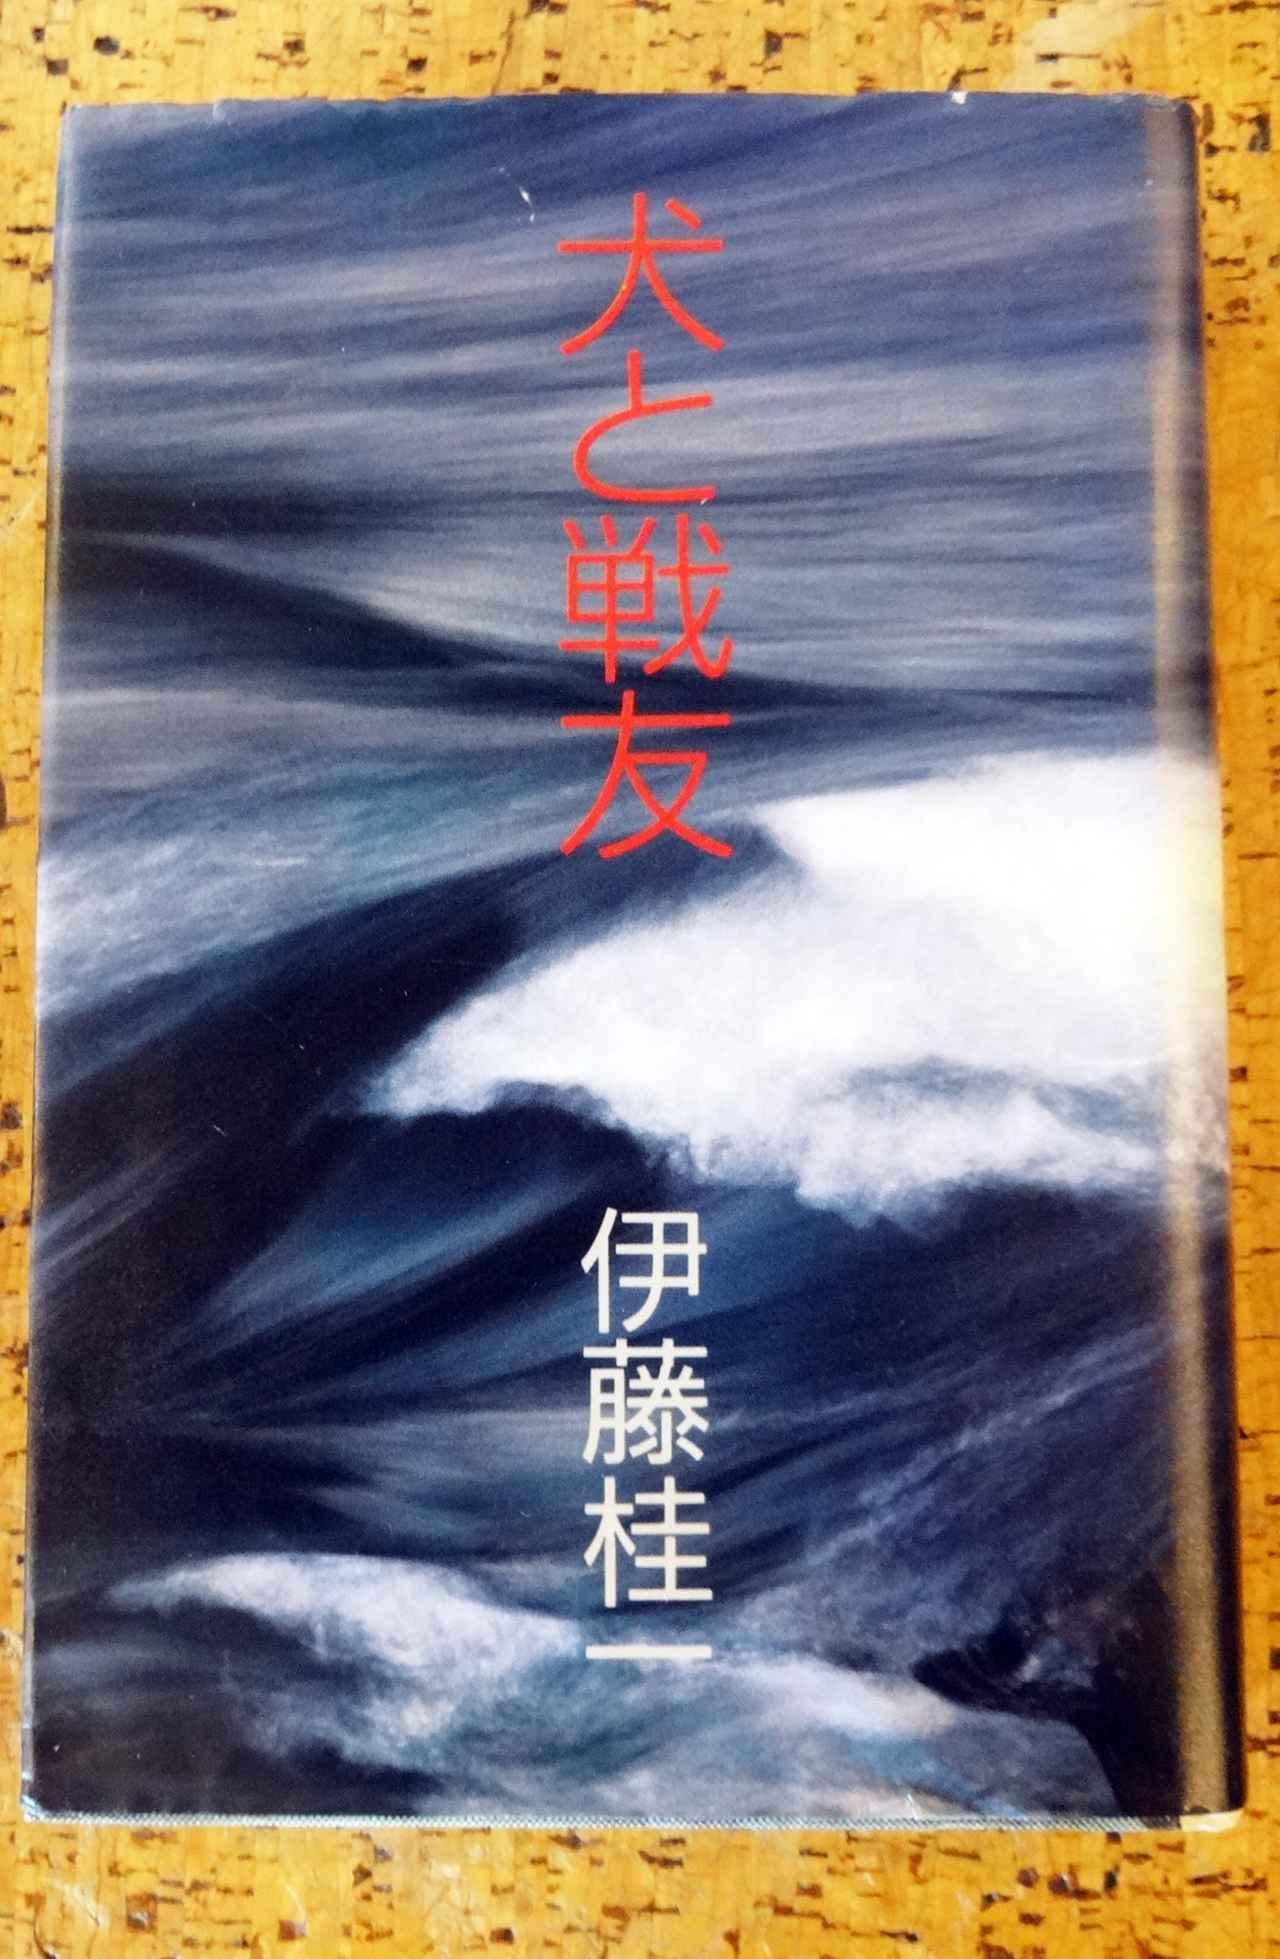 画像2: 永遠の図書室通信 第36話「著者 伊藤桂一」